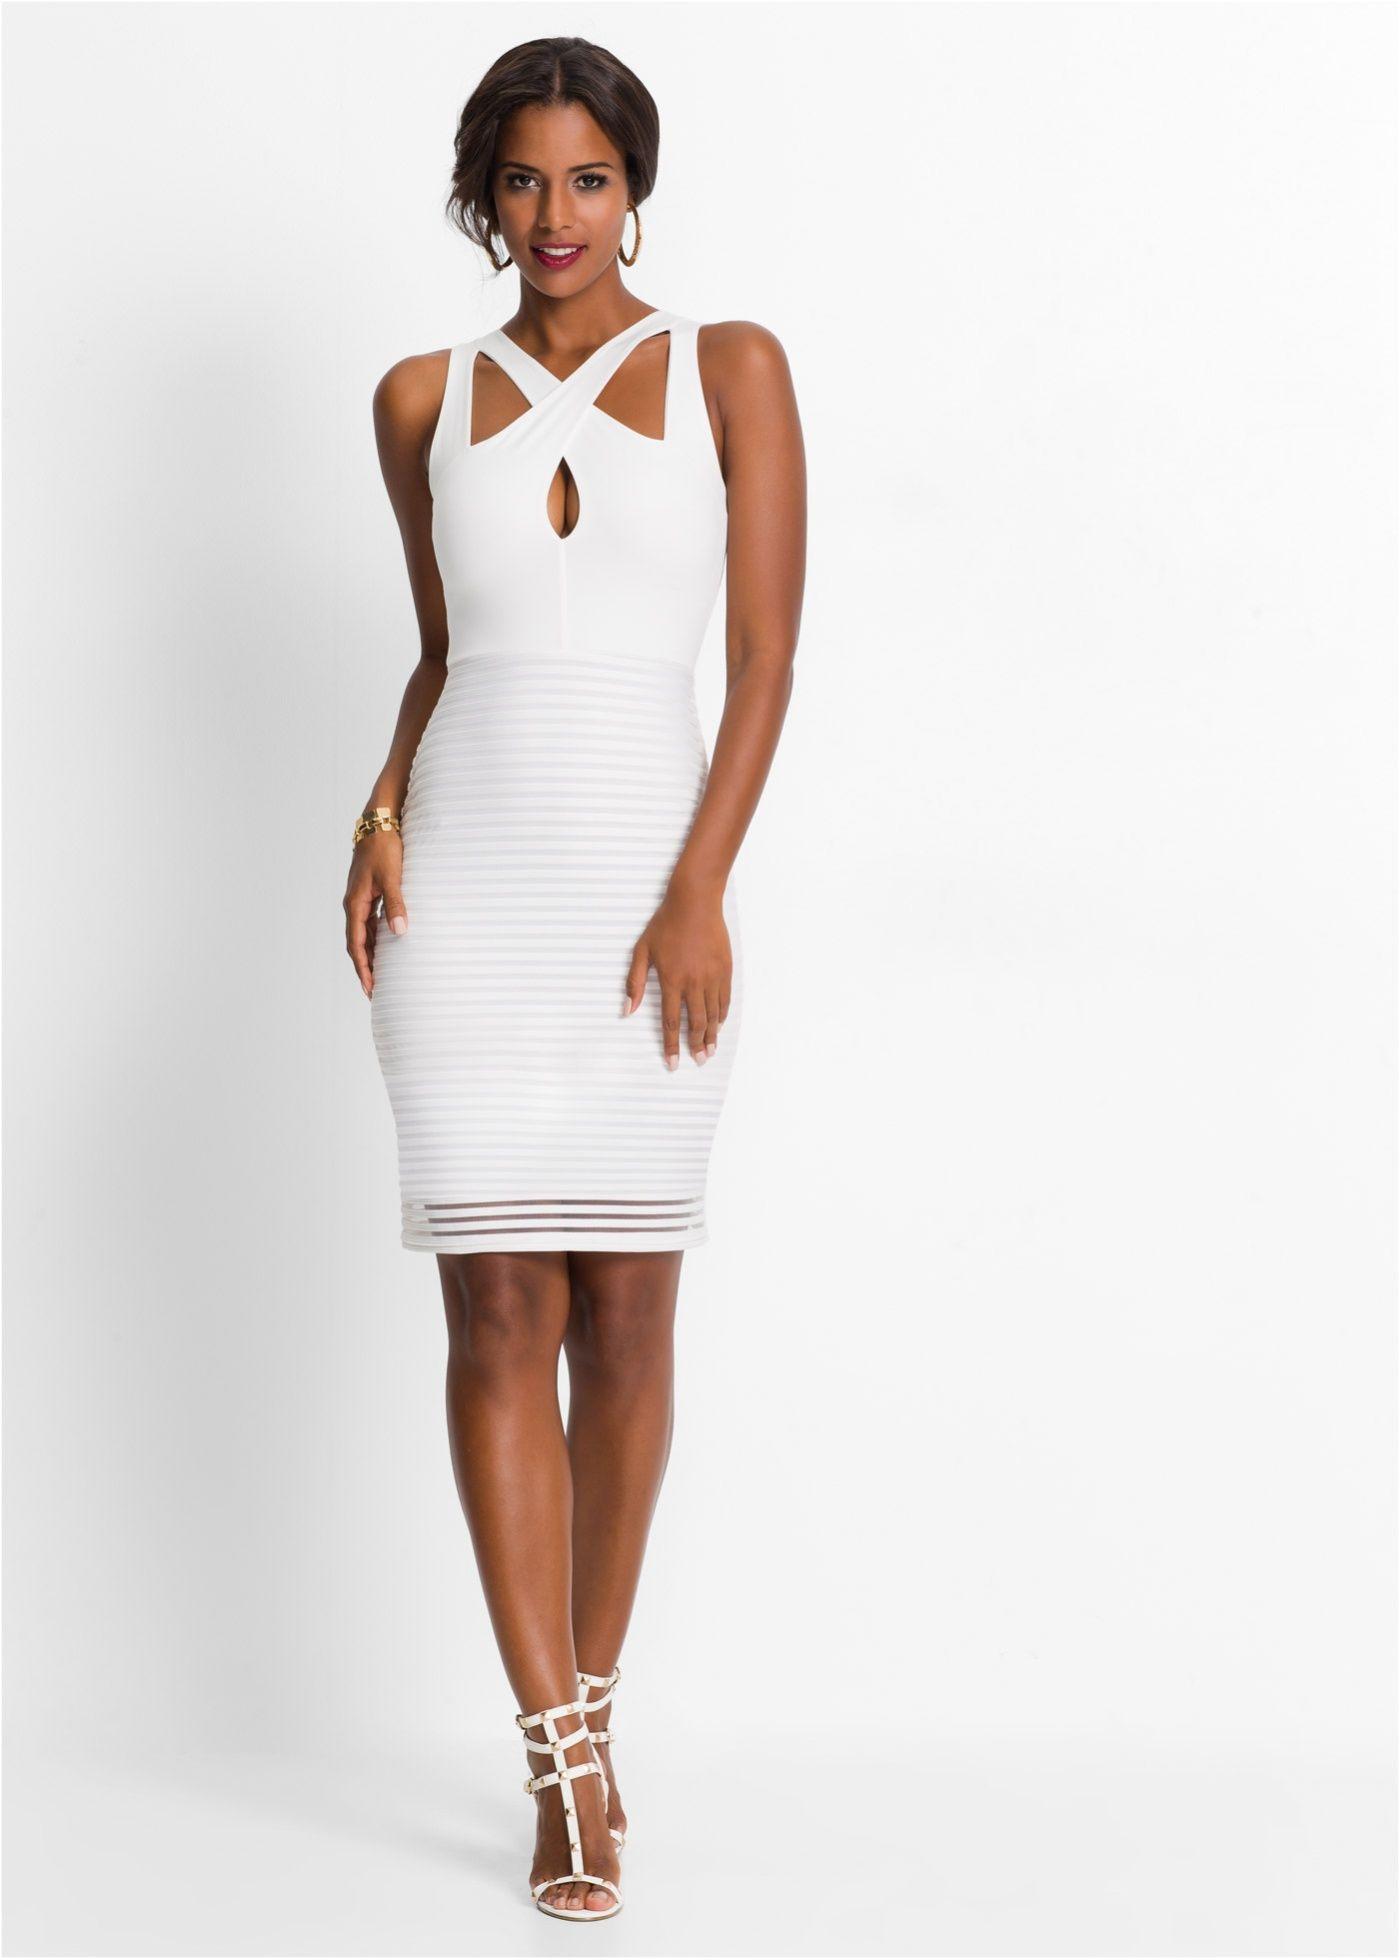 10 Ausgezeichnet Kleid Weiß Elegant StylishAbend Schön Kleid Weiß Elegant für 2019